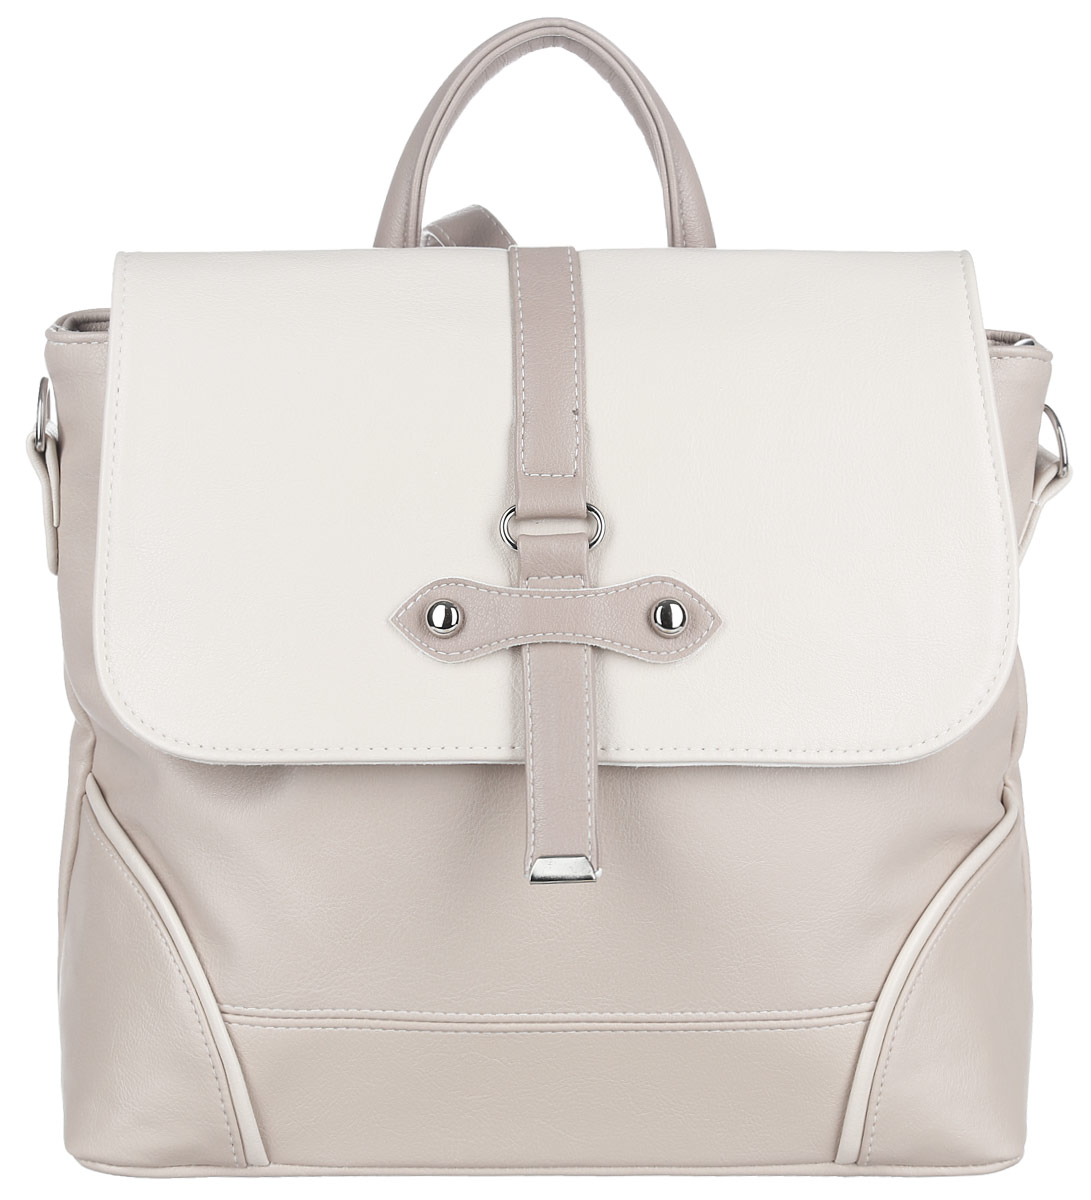 Сумка-рюкзак женская Flioraj, цвет: бежевый. 700-1 т579995-400Женская сумка-рюкзак Flioraj изготовлена из качественной искусственной кожи и декорирована клепками и ремешком. На задней стороне расположен карман на молнии. Сумку можно носить как рюкзак благодаря ремню, который крепится с помощью замка-карабина. Изделие оснащено плотным дном и закрывается клапаном на магнитную кнопку. Внутри находятся два главных отделения, которые разделены карманом на молнии. В одном отделении расположен карман на молнии, а в другом два небольших открытых кармана.Все отделения этой сумки расположены удобно, позволяя быстро находить нужные предметы, что важно для практичного и делового человека.Такая оригинальная и практичная сумка дополнит ваш образ и завершит его.